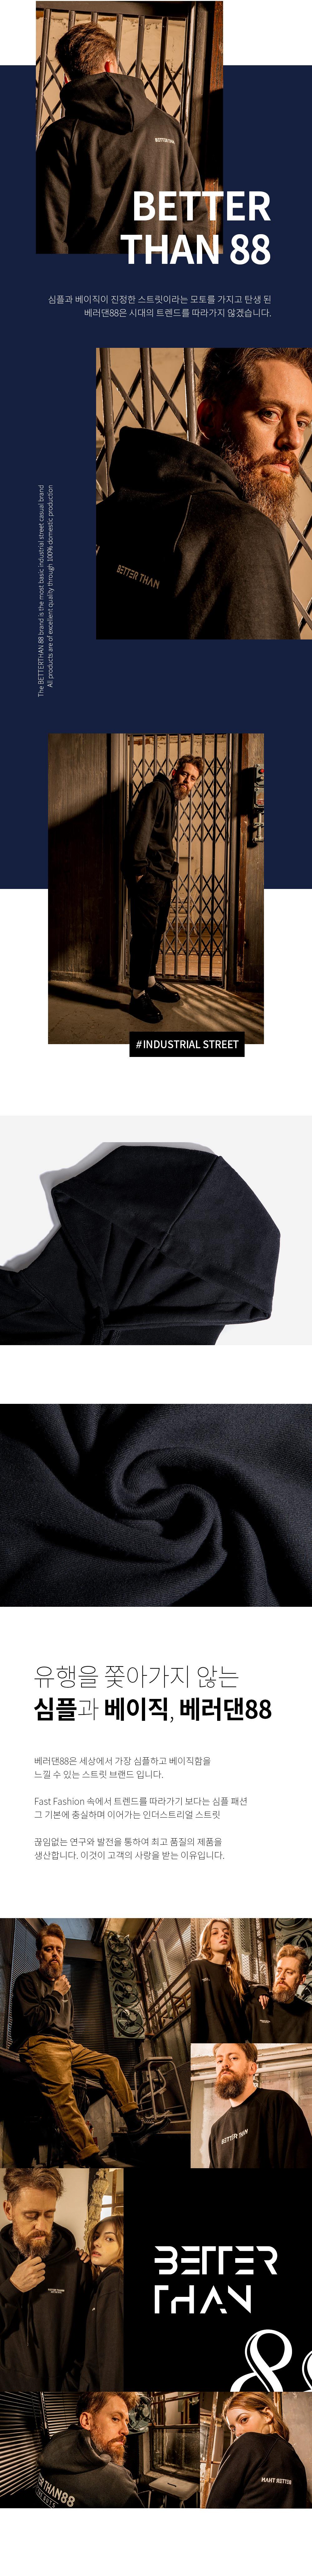 [베러댄88] W3091BB 그레이셔 오버핏 후드티 우먼 밴타블랙